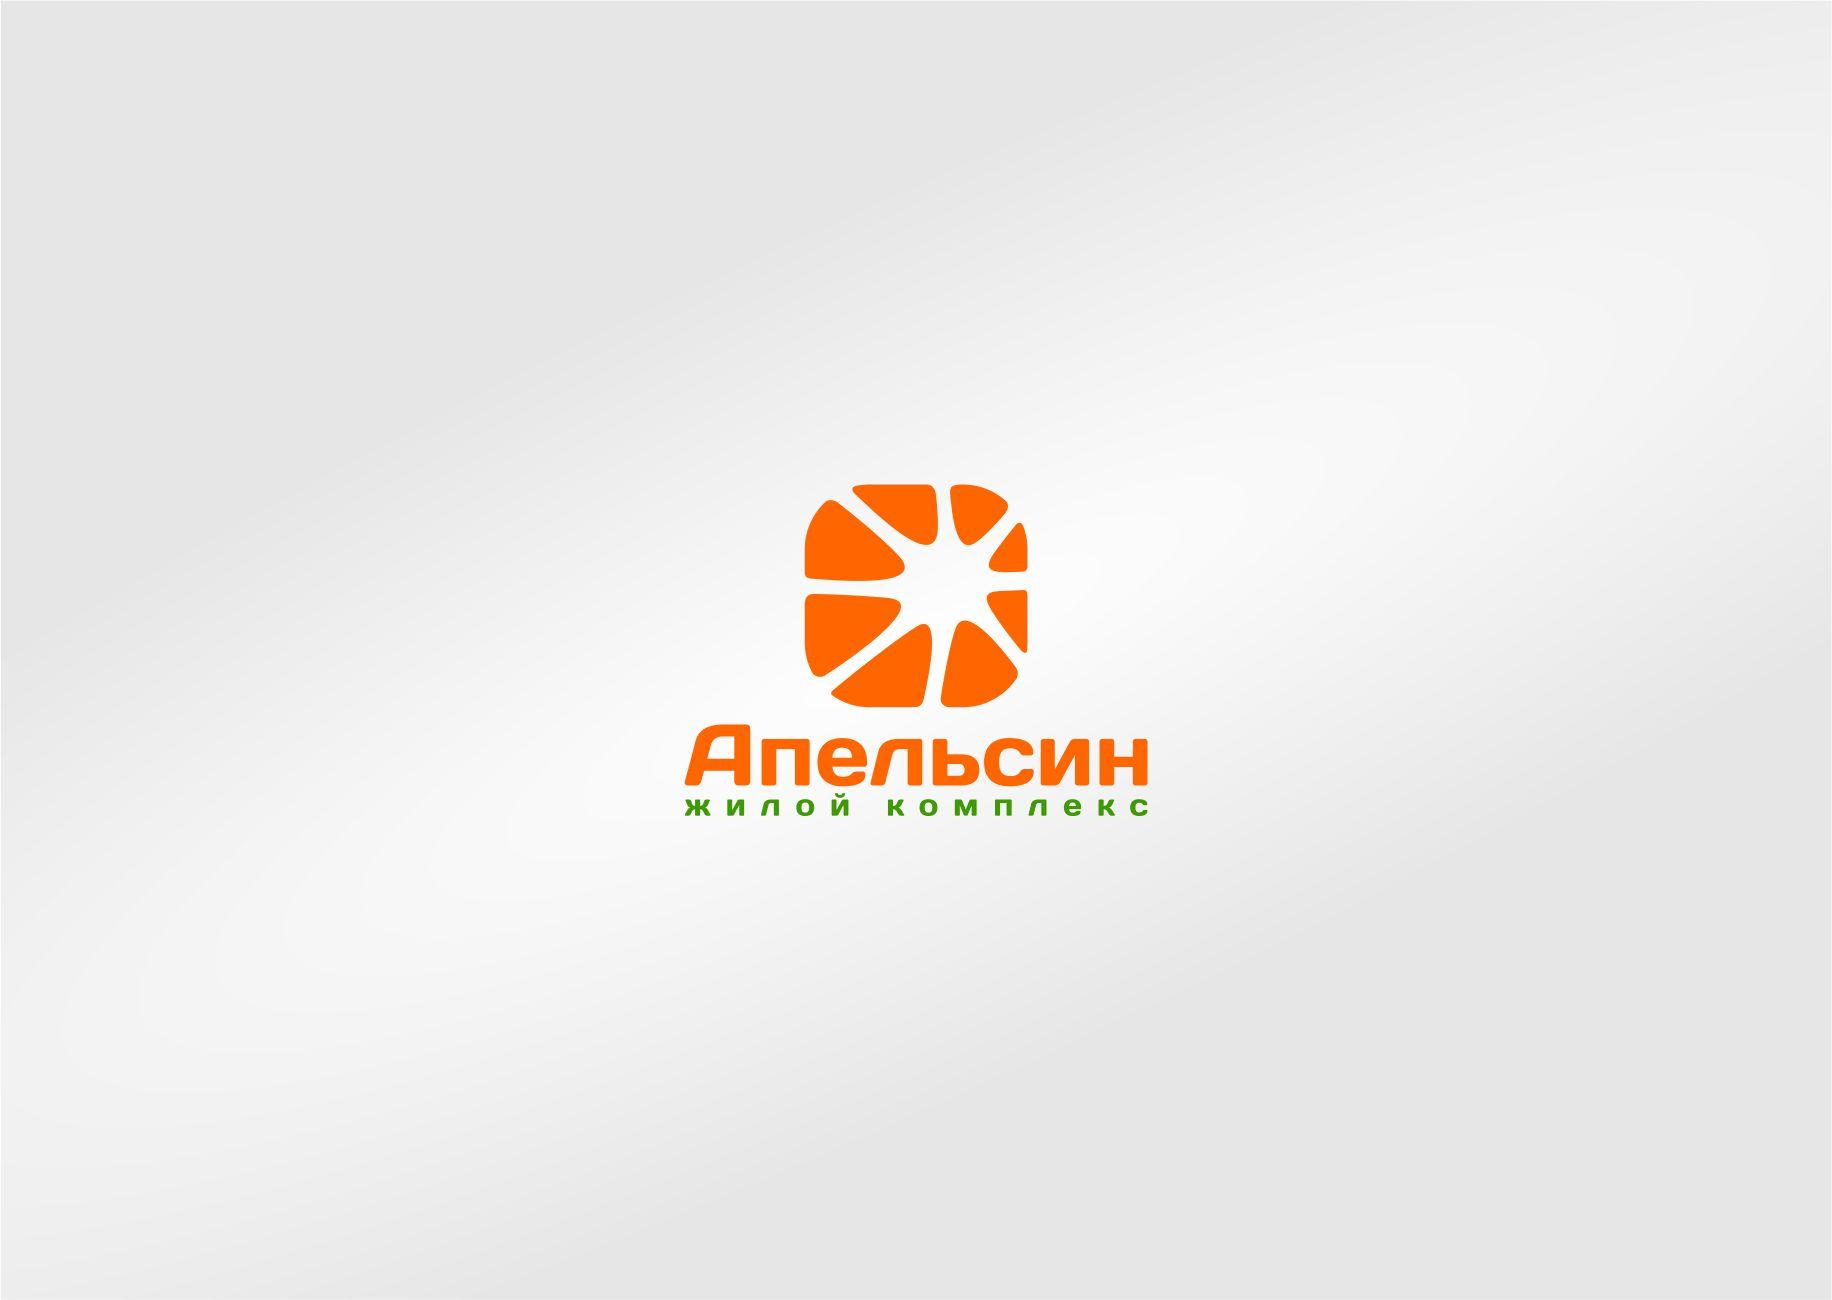 Логотип и фирменный стиль фото f_5875a5a969d0ef7d.jpg